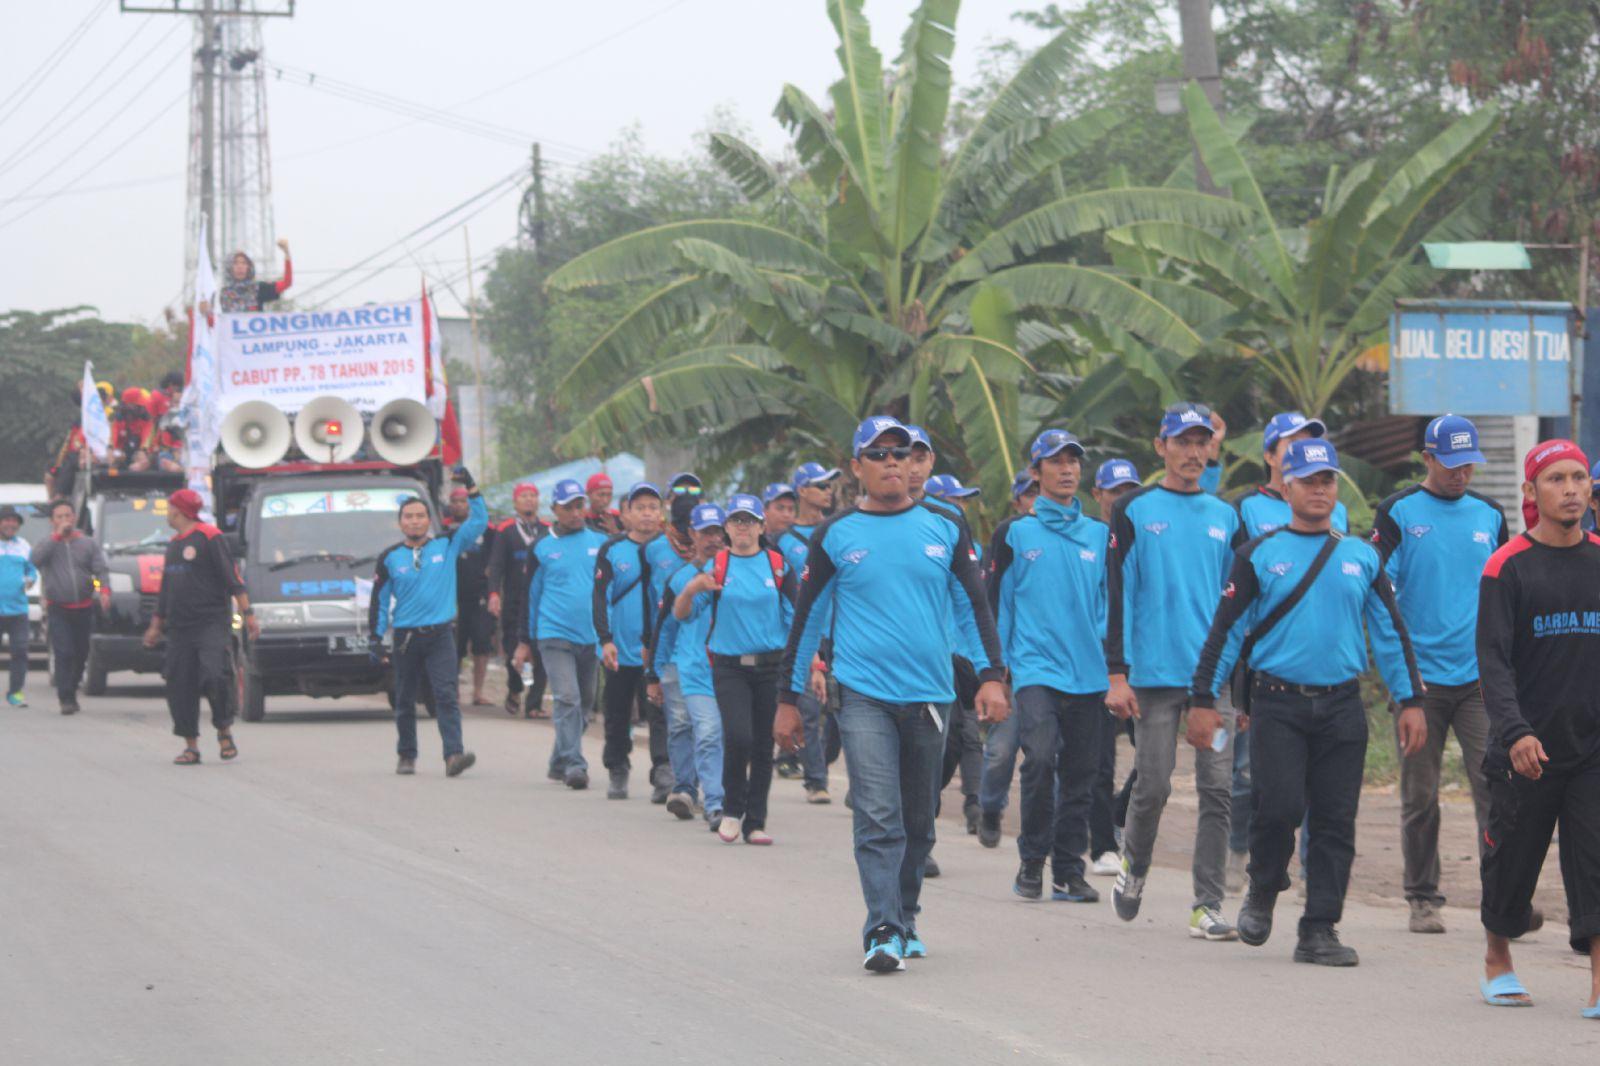 Long march sebagai bentuk perlawanan